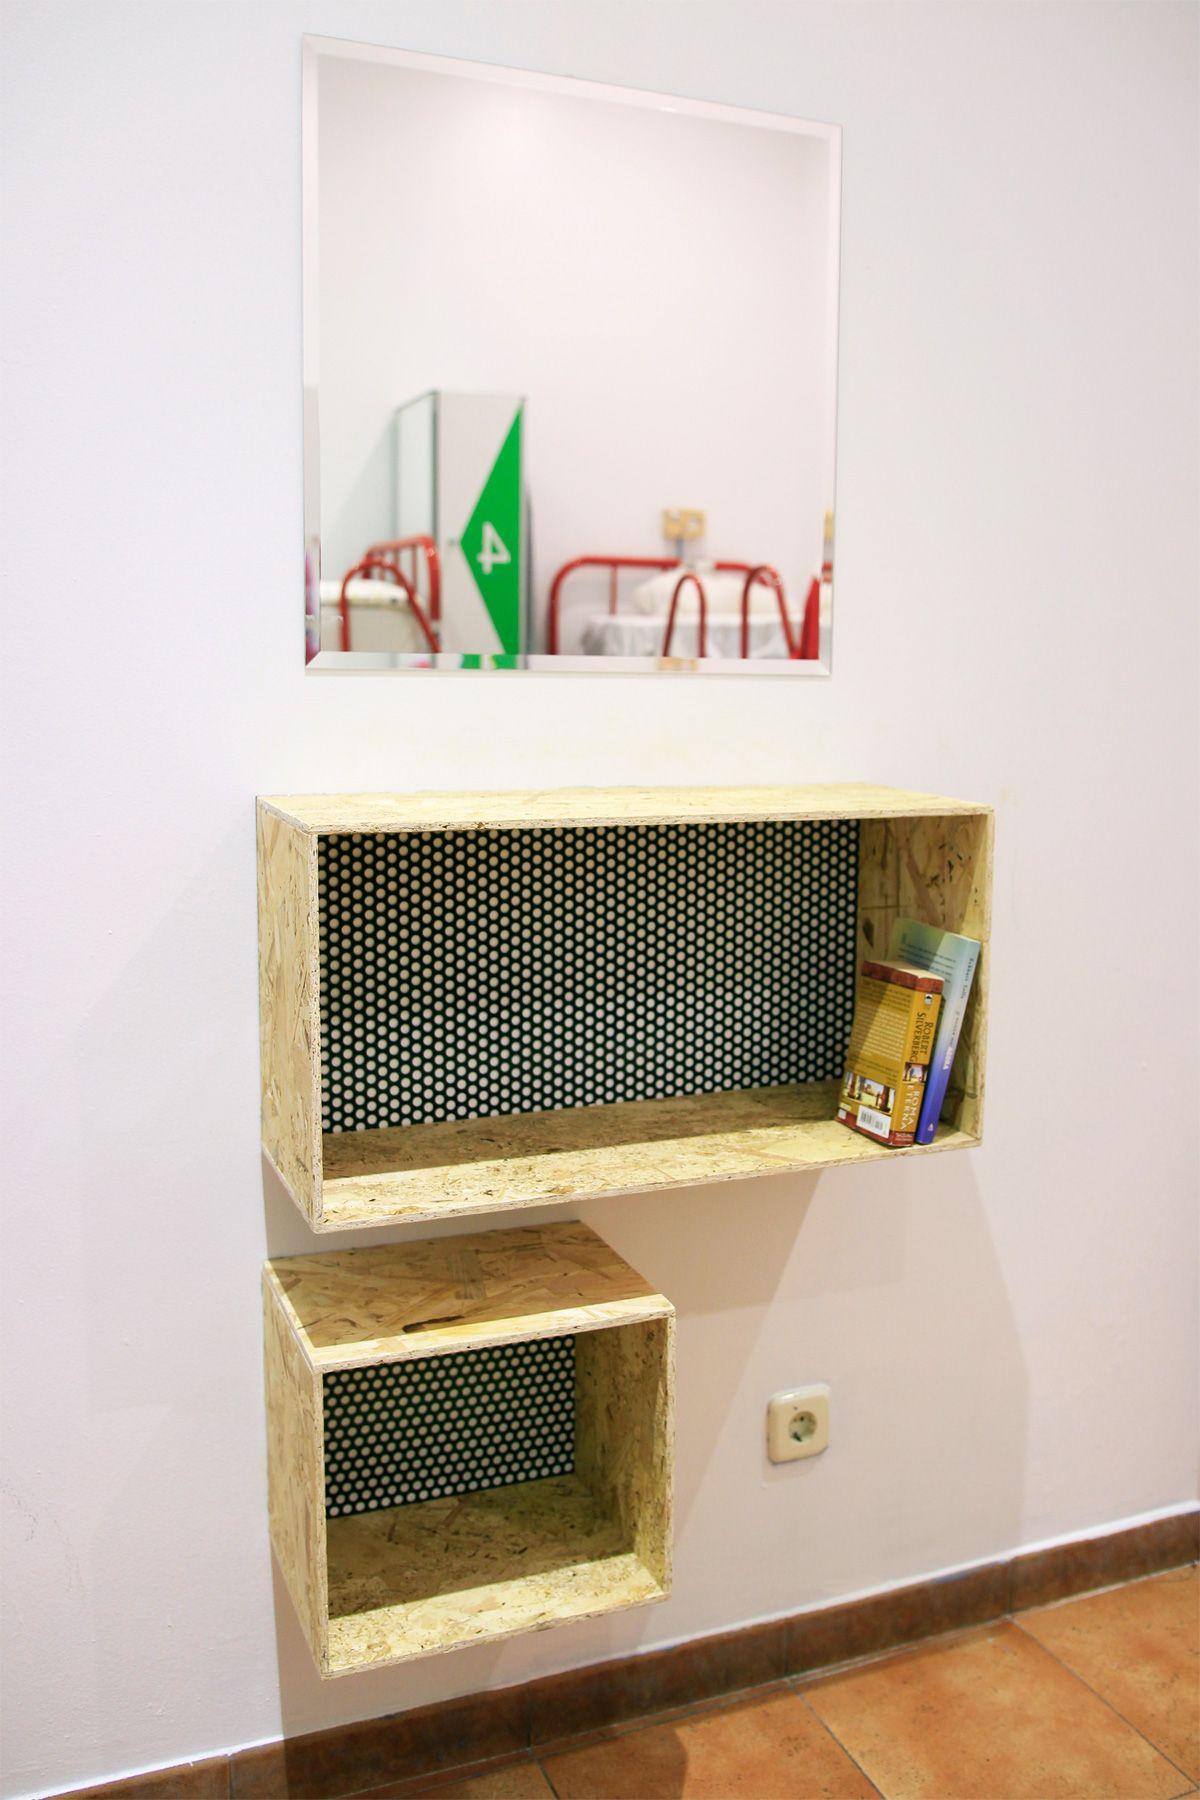 Baldas Y Espejo Decoraci N Y Dise O De Mobiliario Para  # Muebles Tirso De Molina